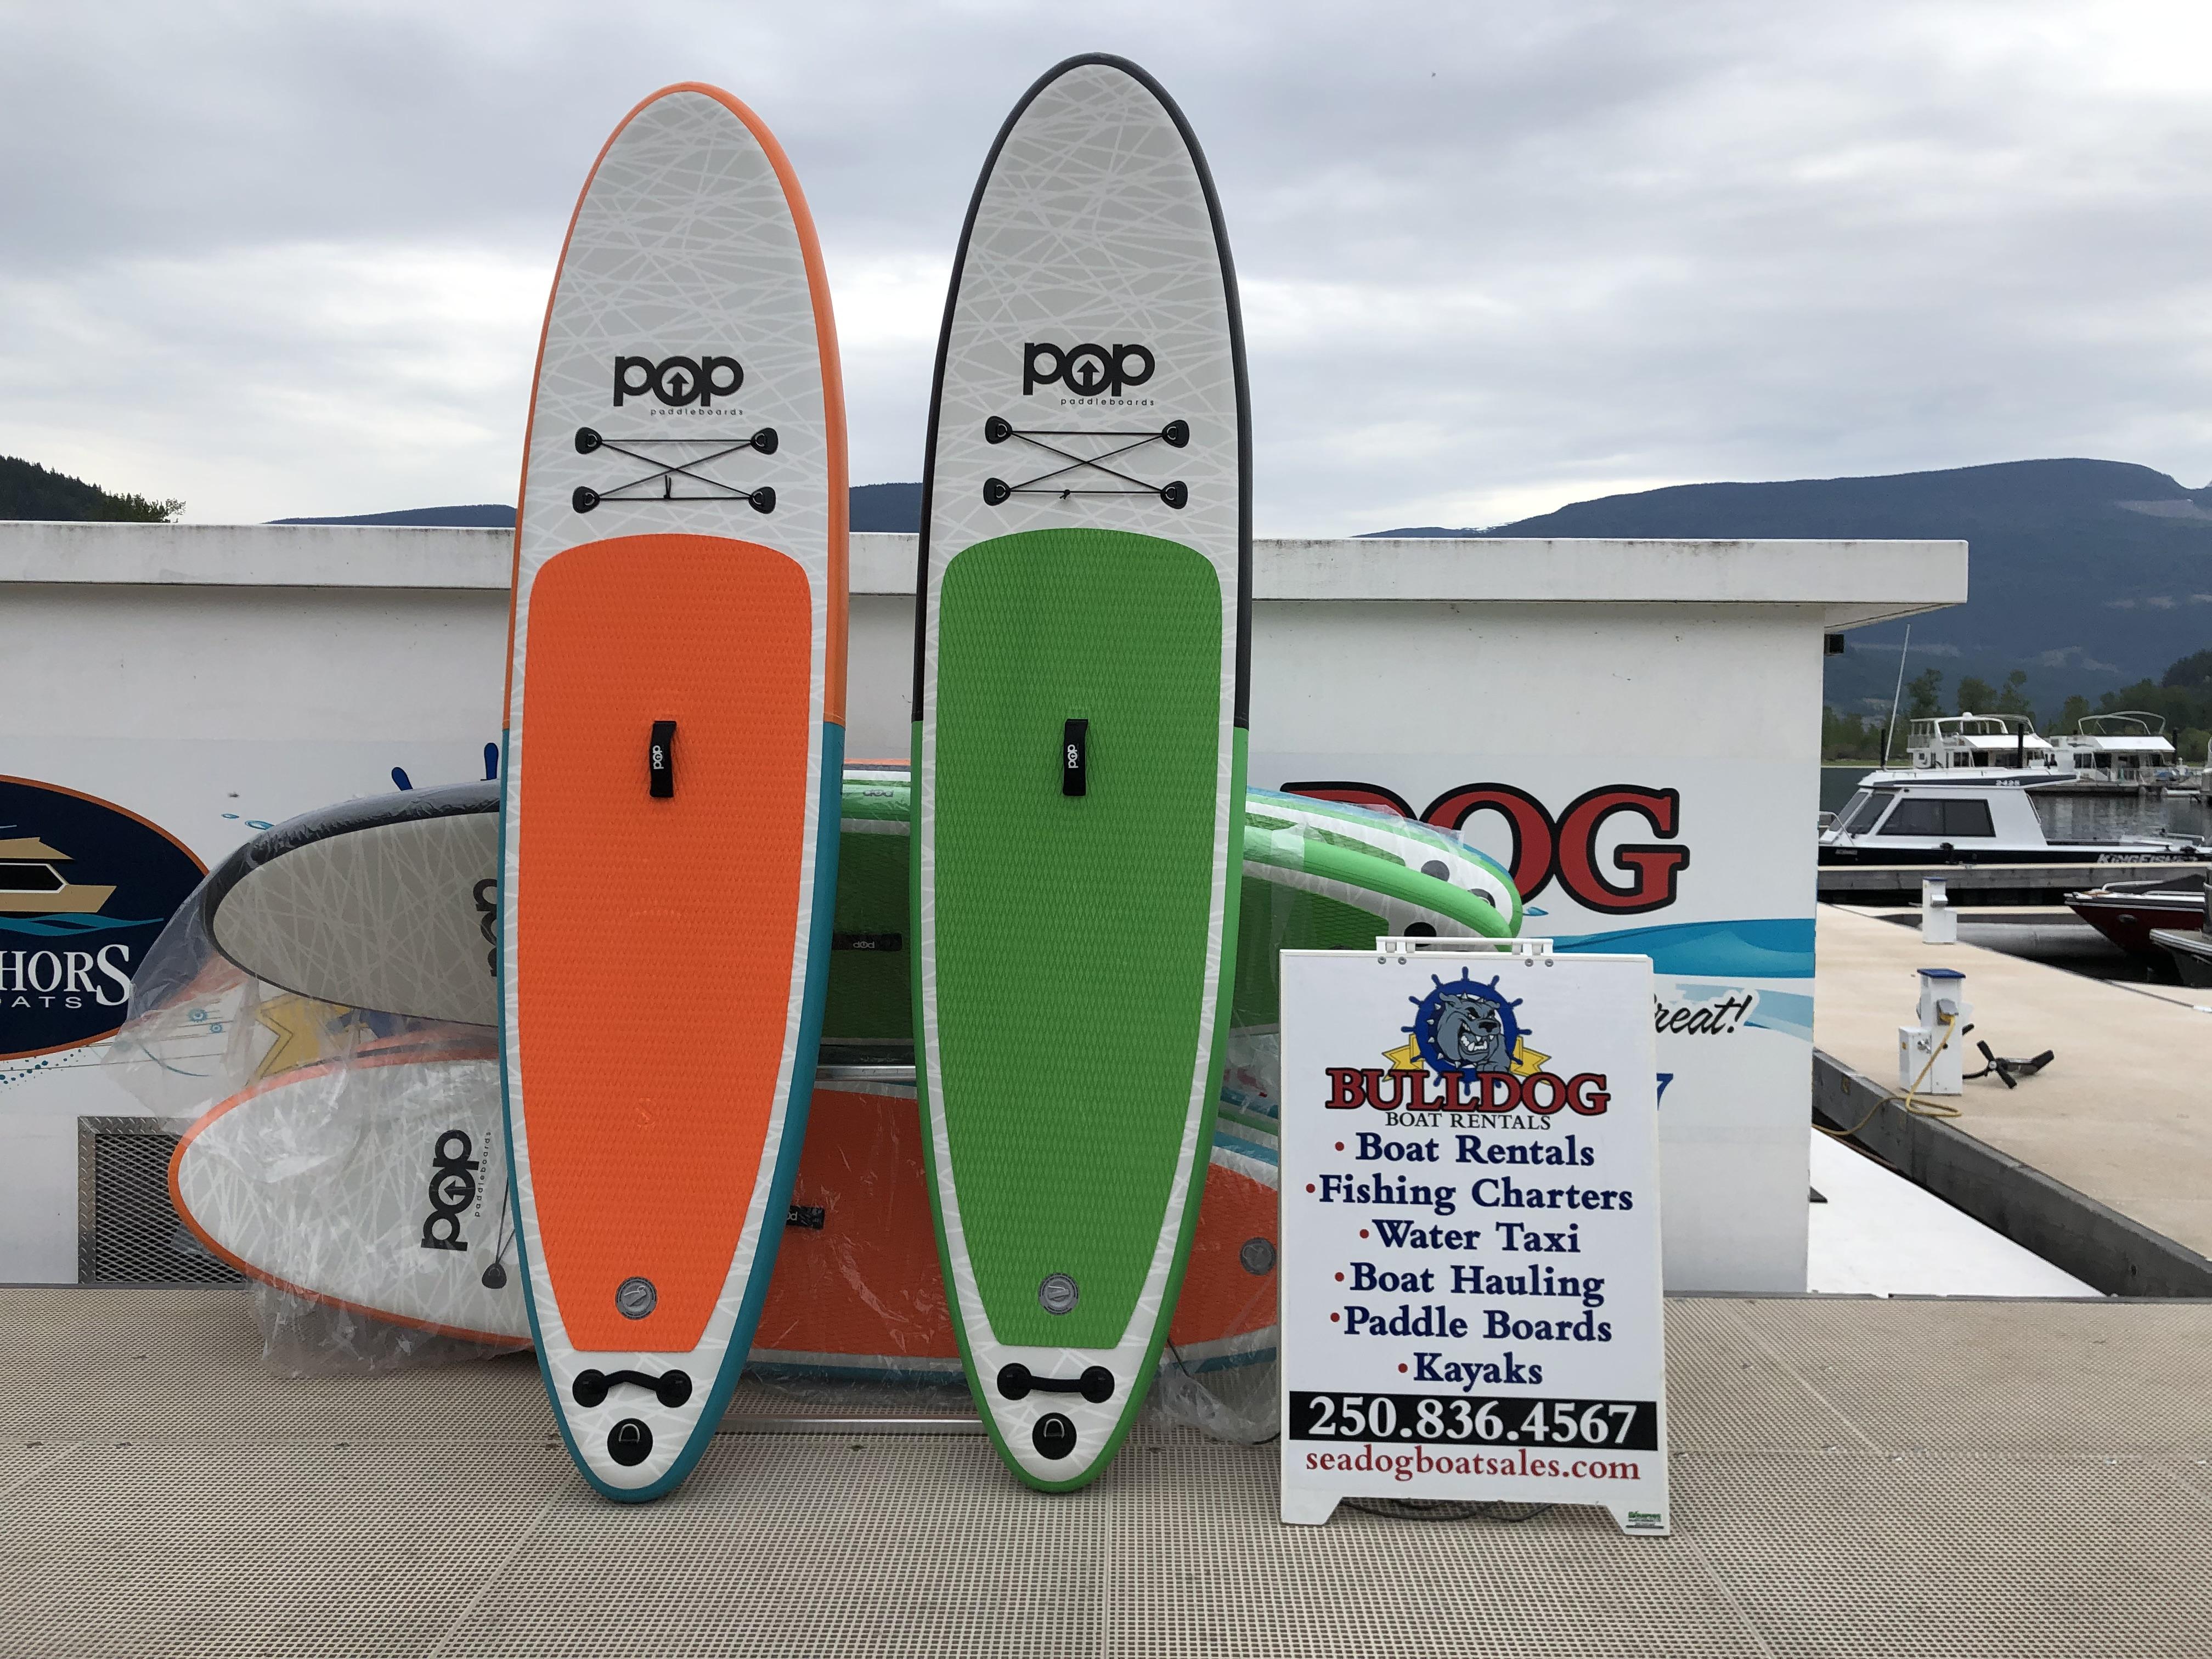 Paddleboards Image